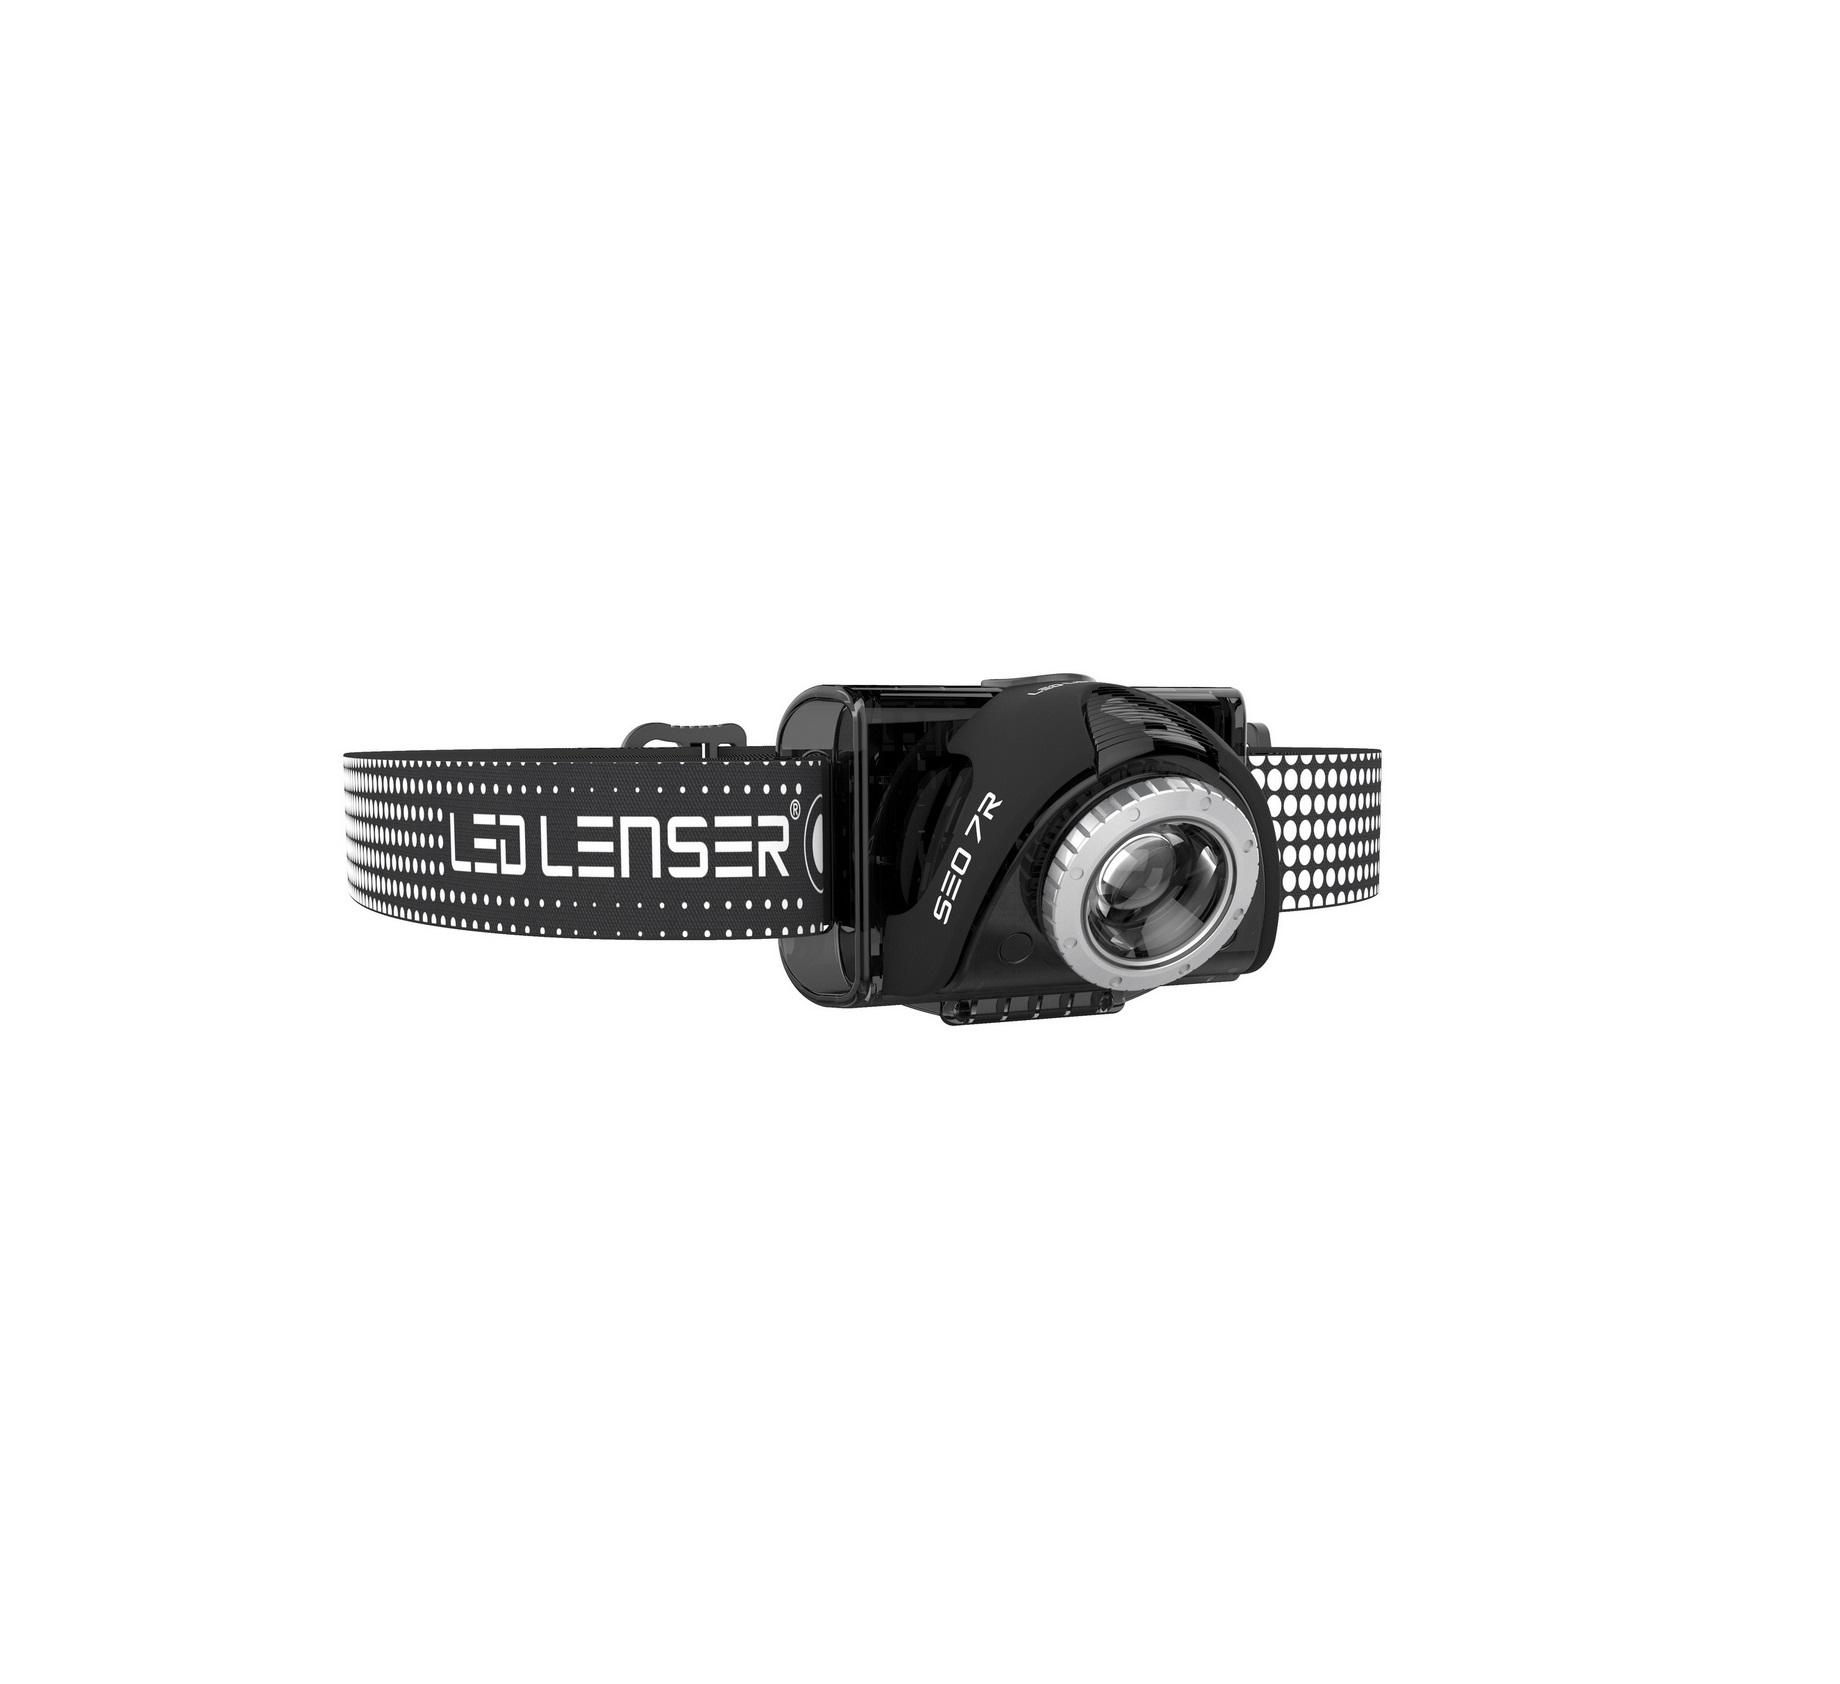 Planet Led Lenser Seo3 – Endurance NnPOkXZ08w